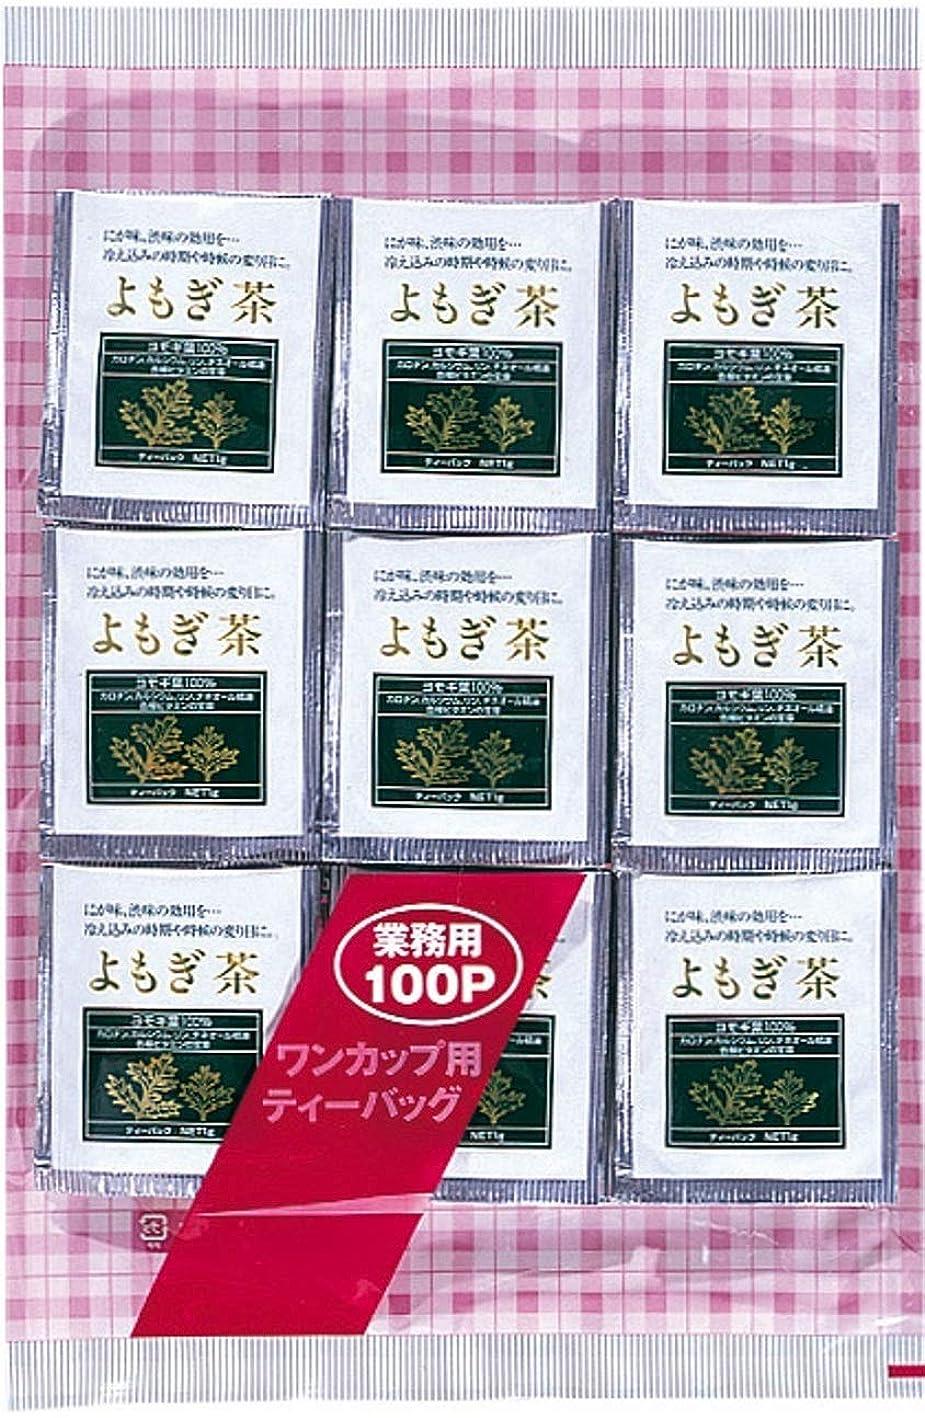 パスタ急勾配の市場OSK業務用よもぎ茶ティーパック1g×100袋(アルミ)